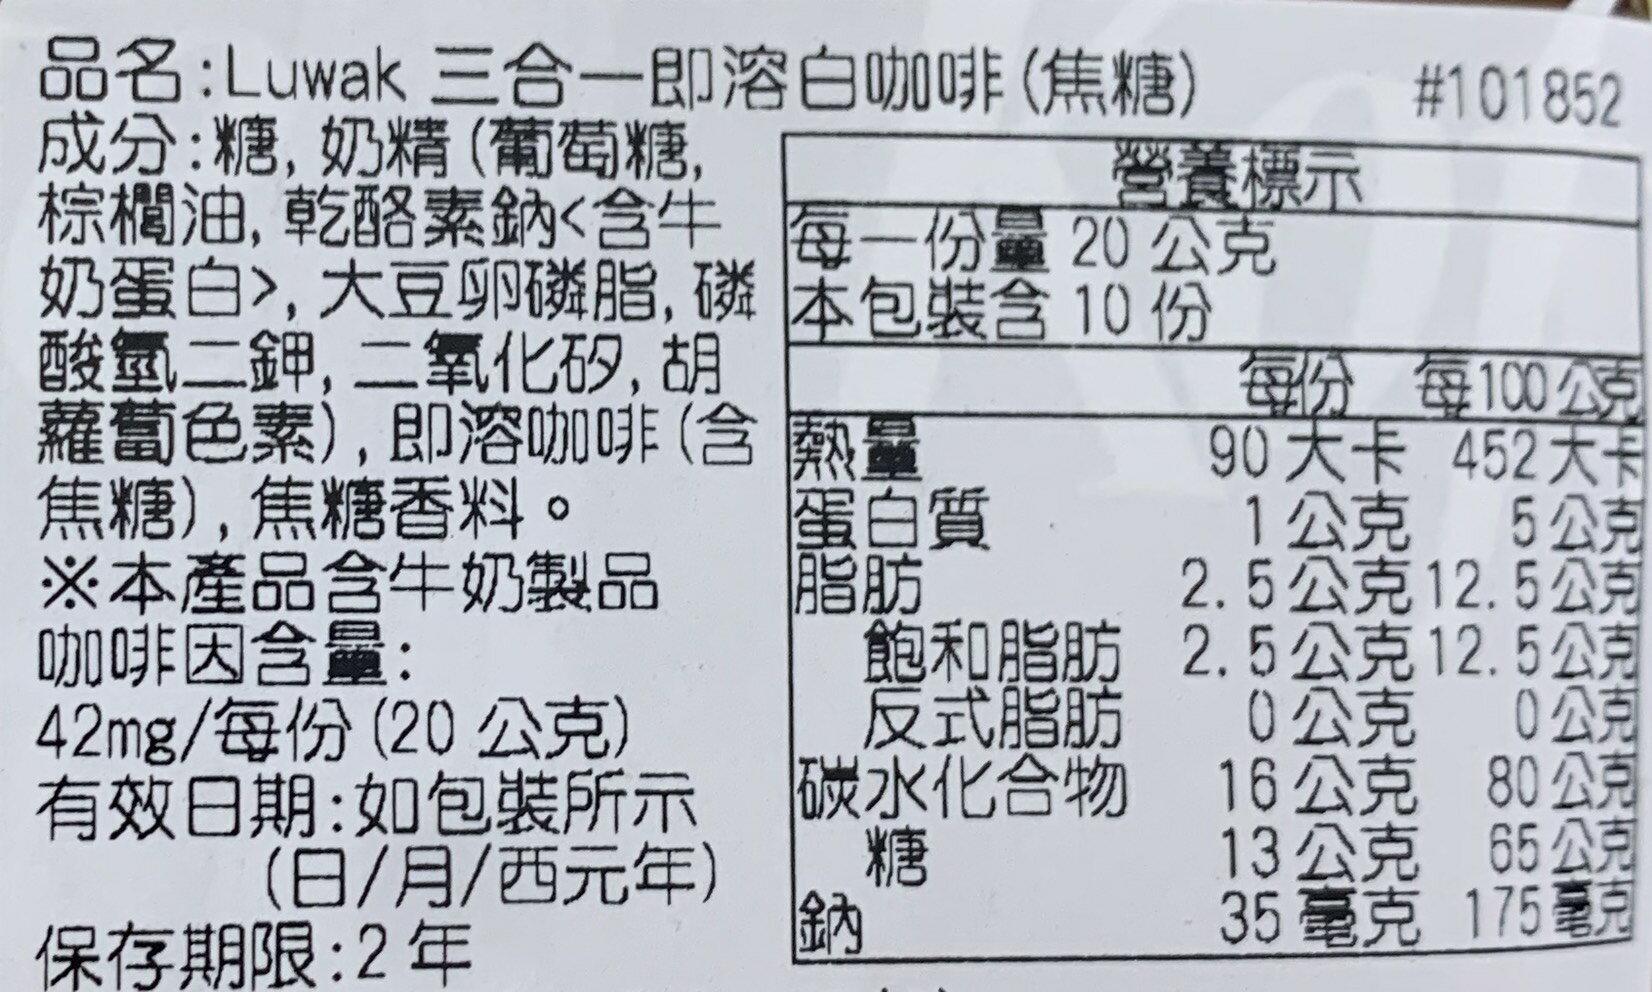 {泰菲印越} 印尼 luwak 露哇  white koffie caramel  三合一即溶白咖啡 焦糖風味 10入